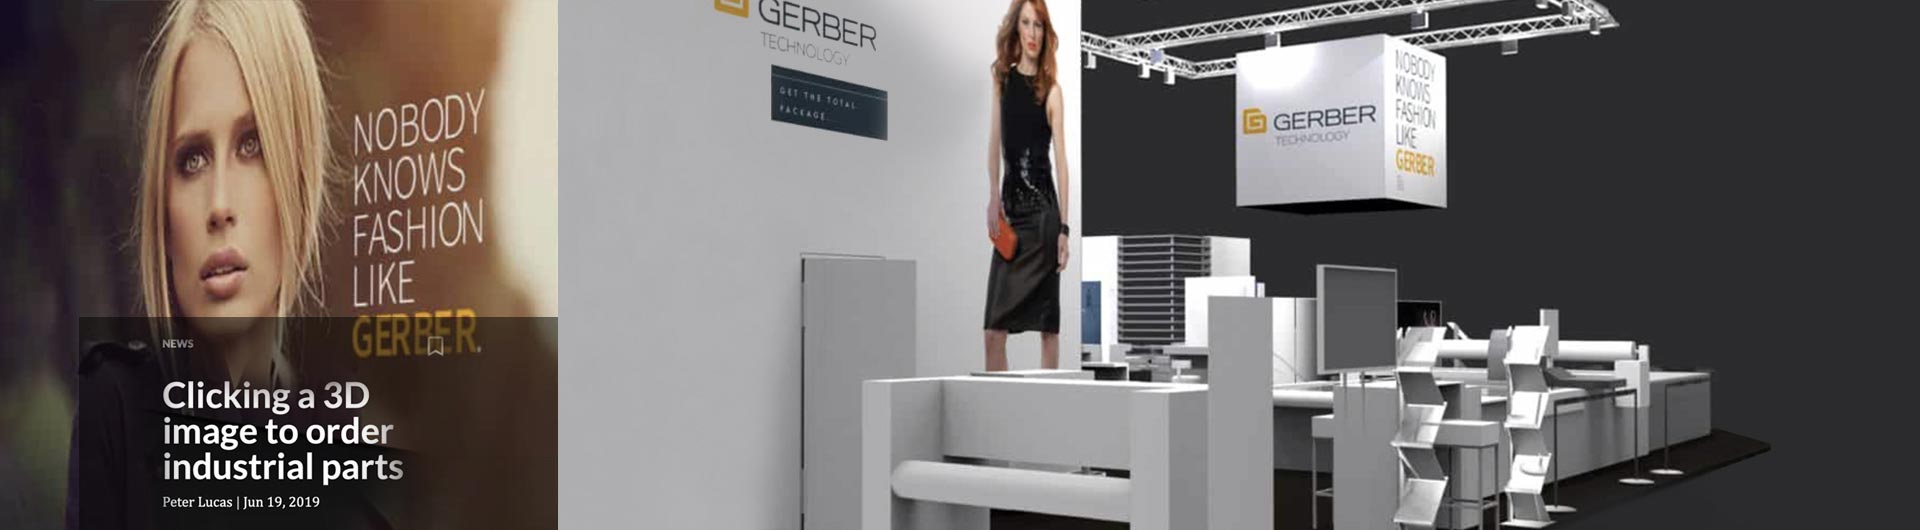 gerber_desktop